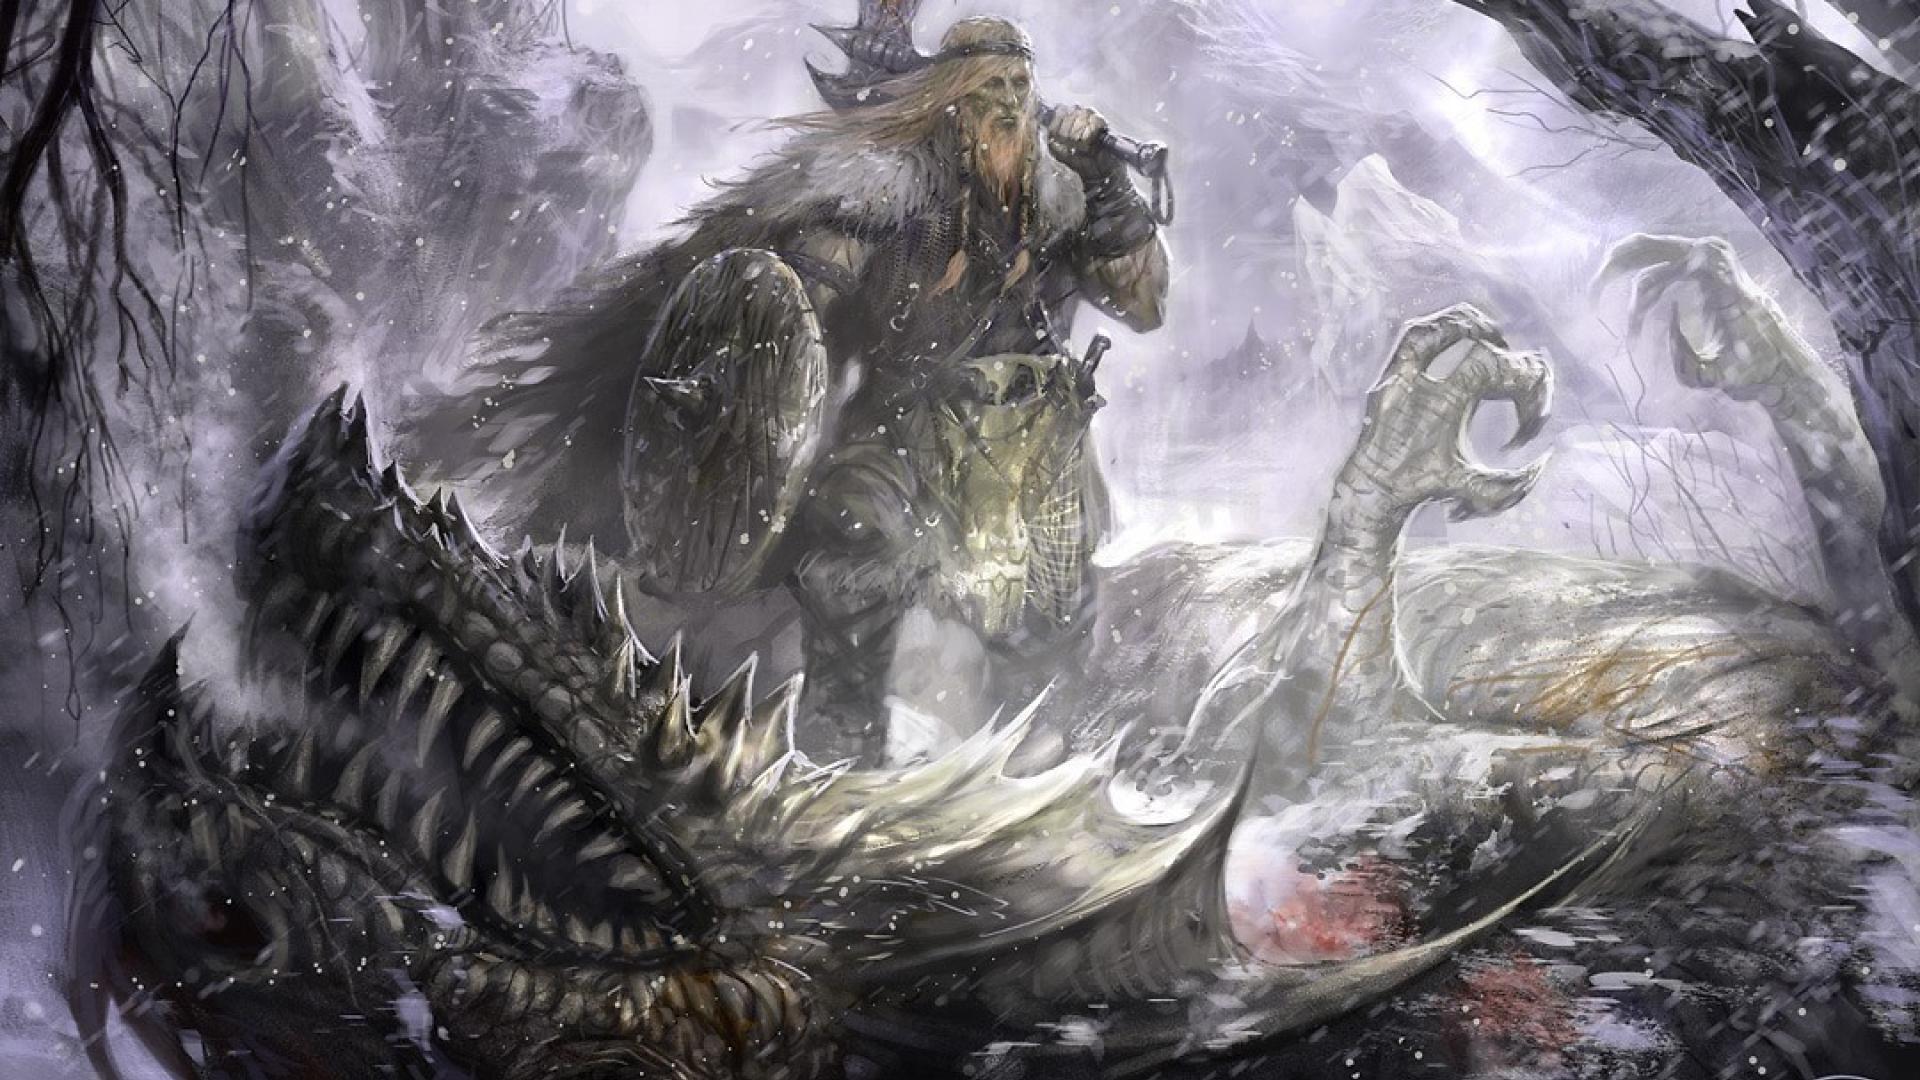 Viking Warrior Wallpapers - Top Free Viking Warrior